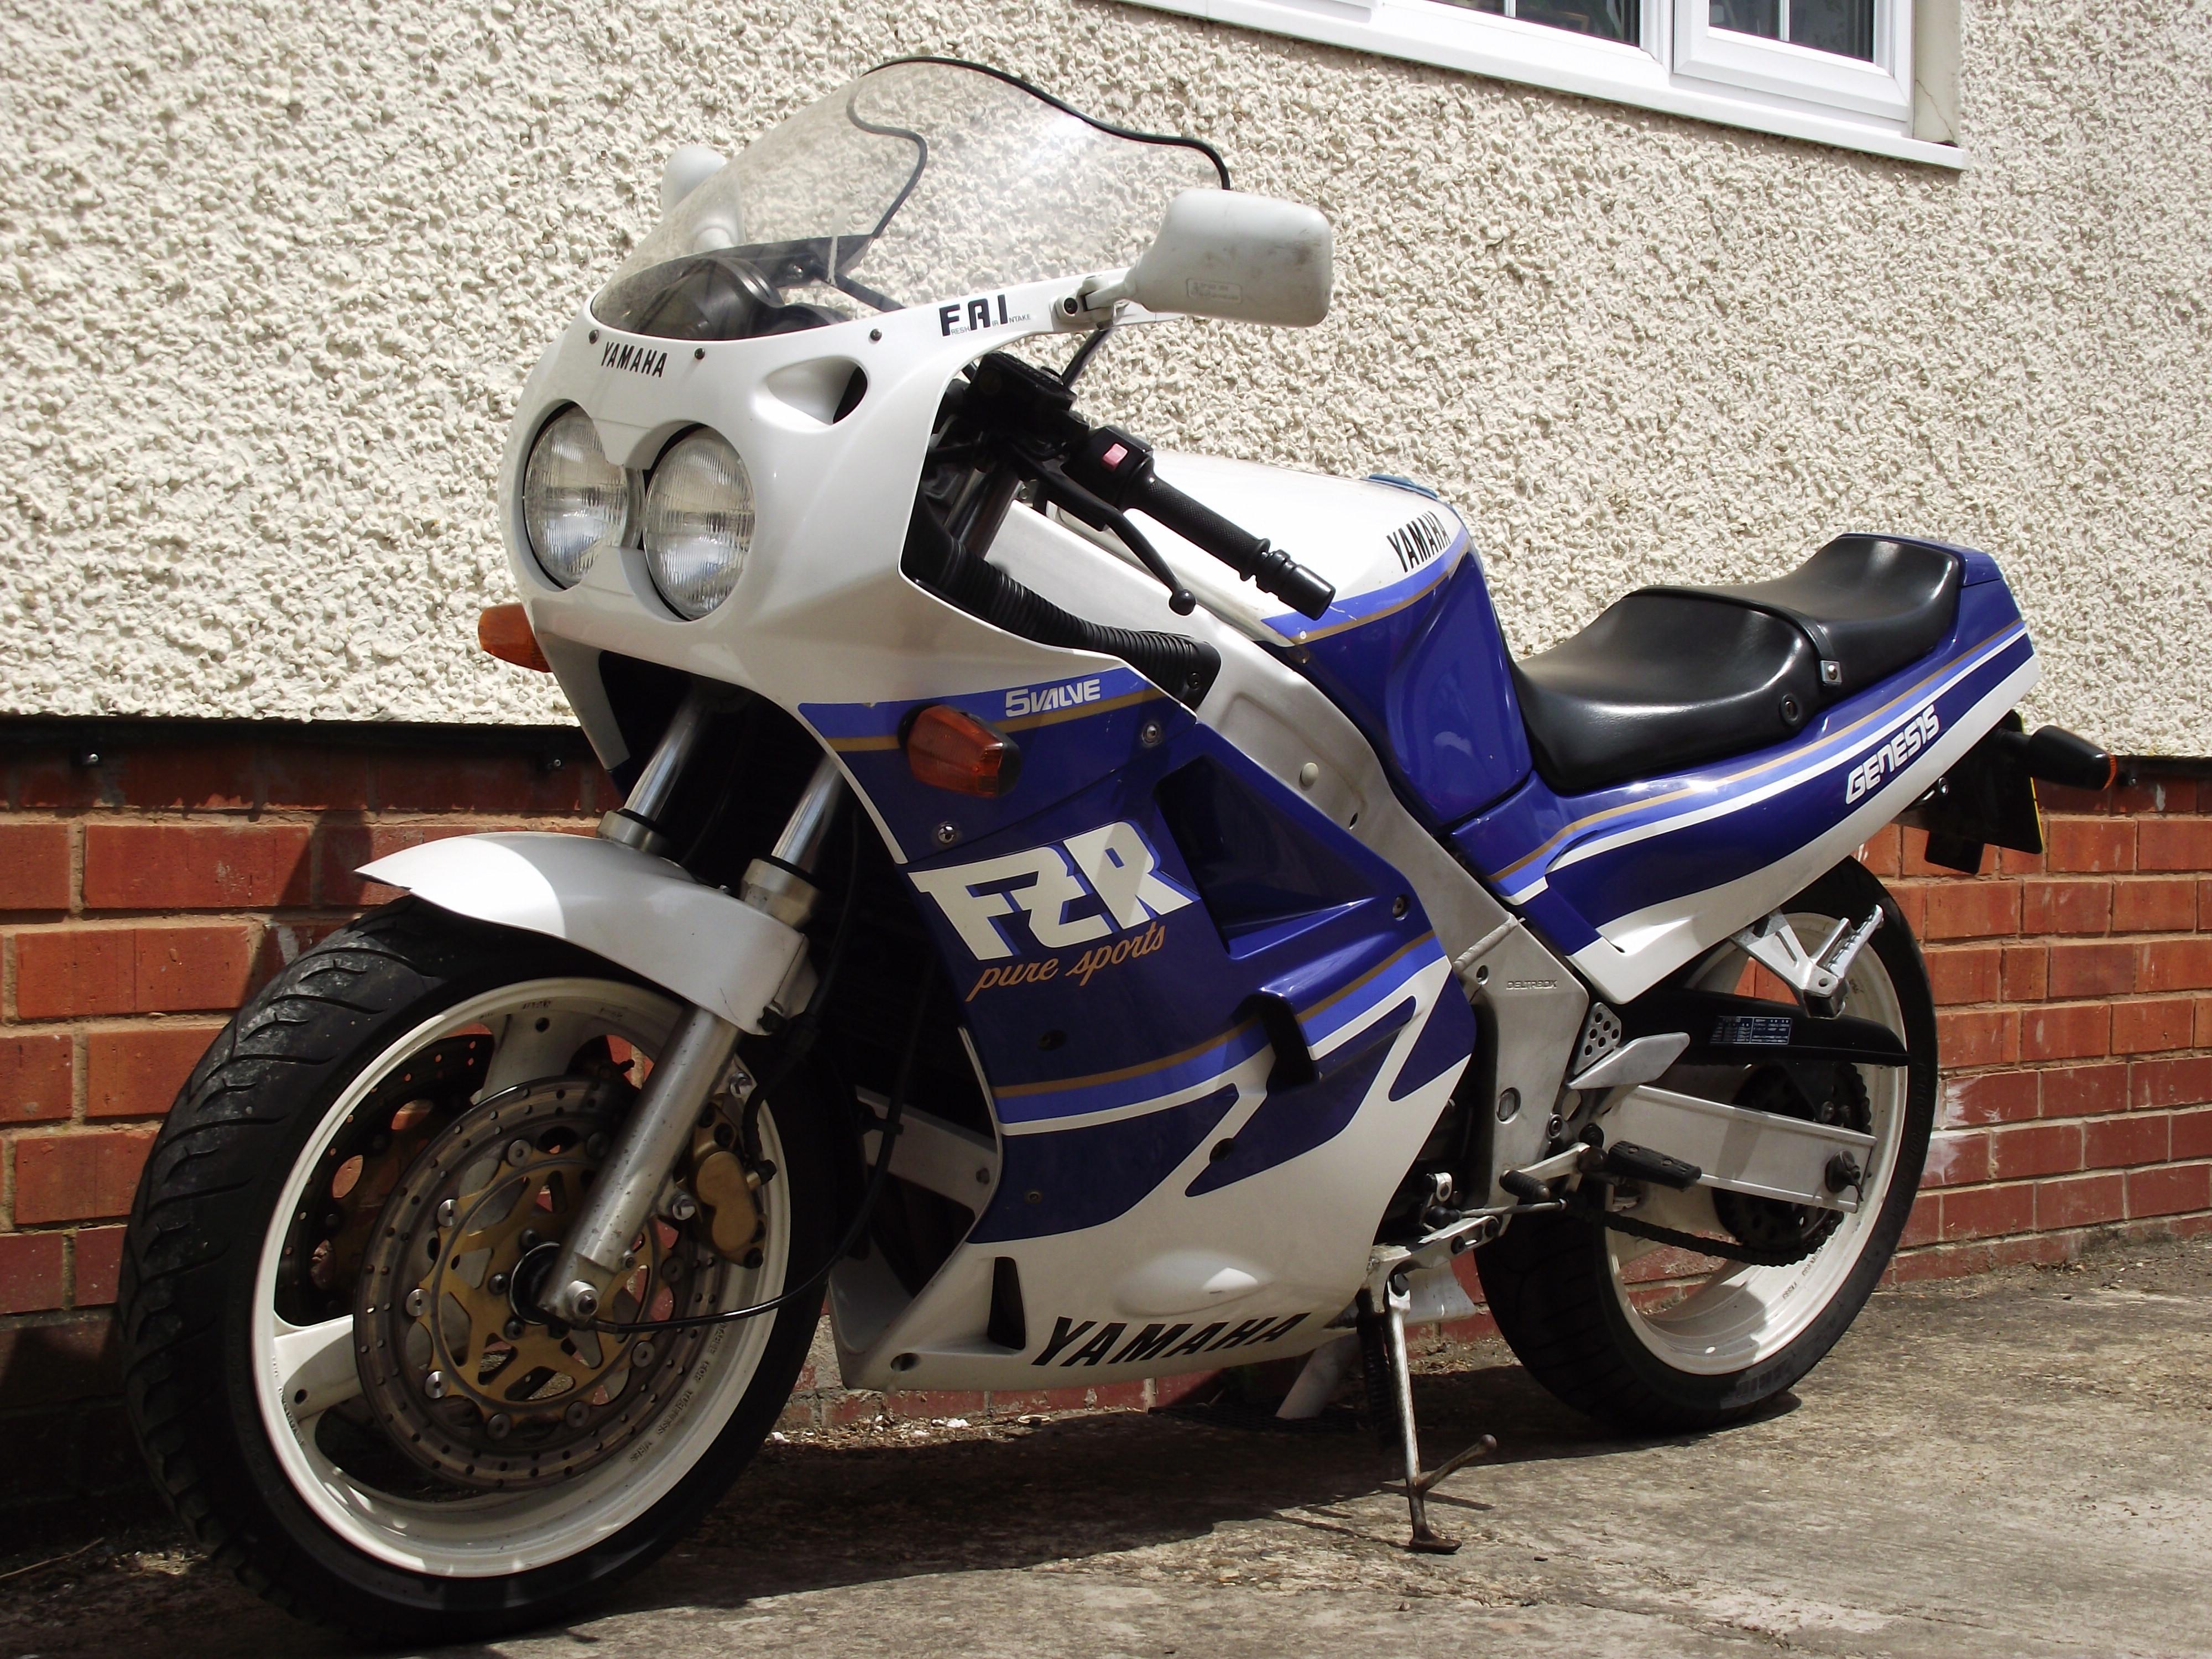 FZR 750